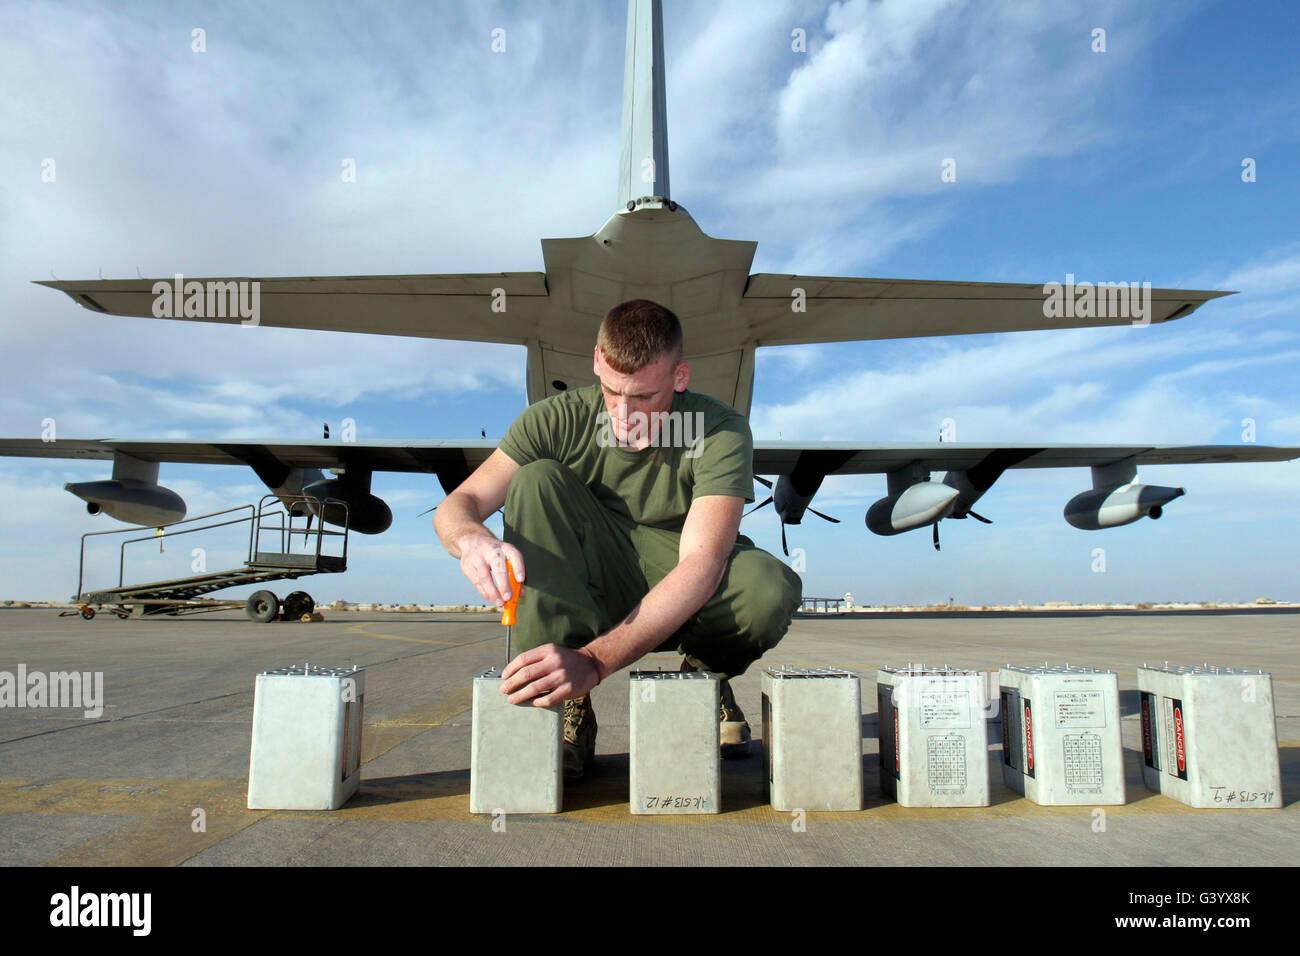 Eine Marine ersetzt Fackeln in Flare Dispenser aus einer KC-130J Hercules. Stockbild